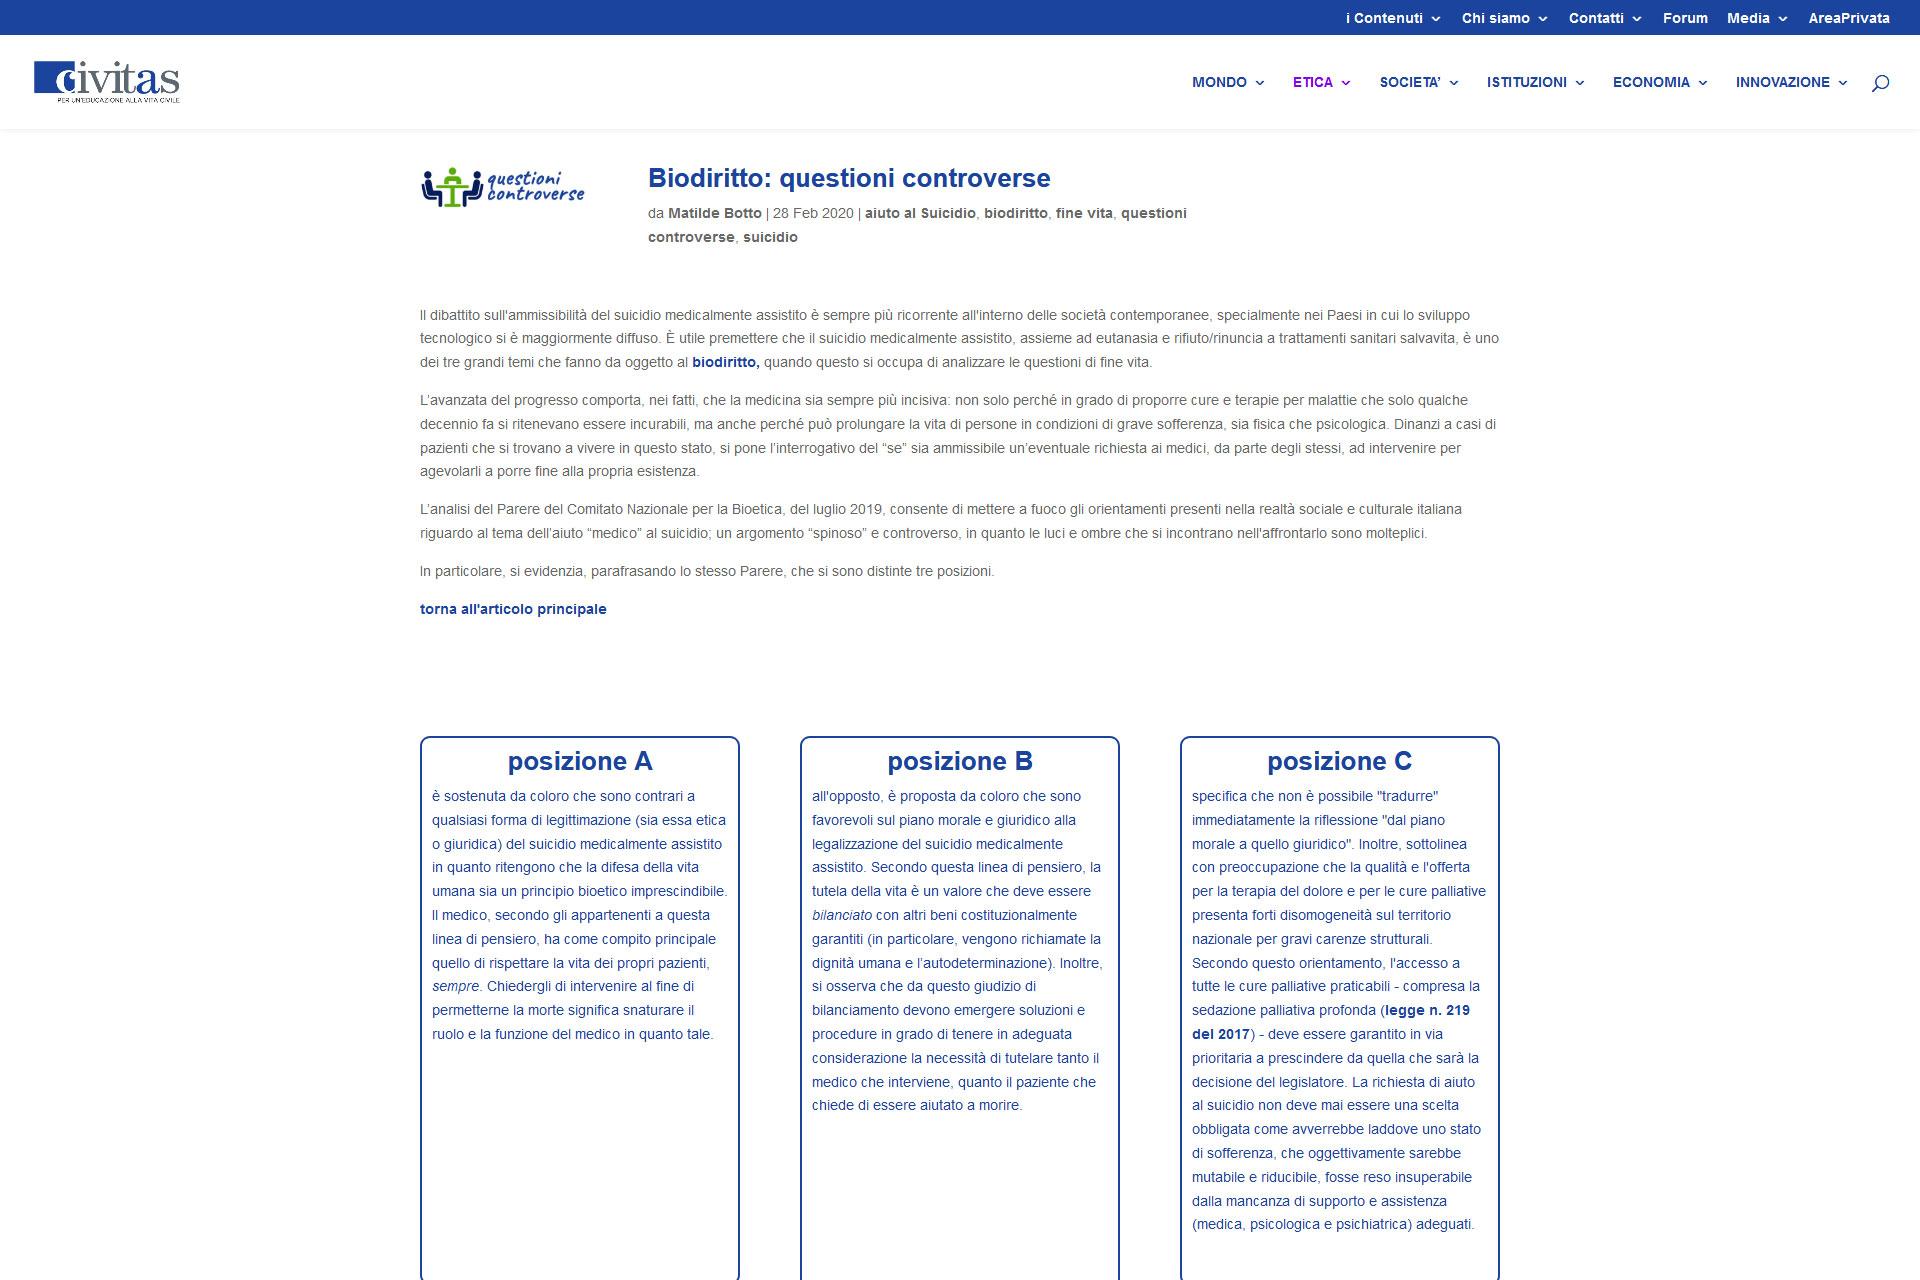 lv-design-realizzazione-siti-web-bologna-portfolio-civitas-schola-slide-2